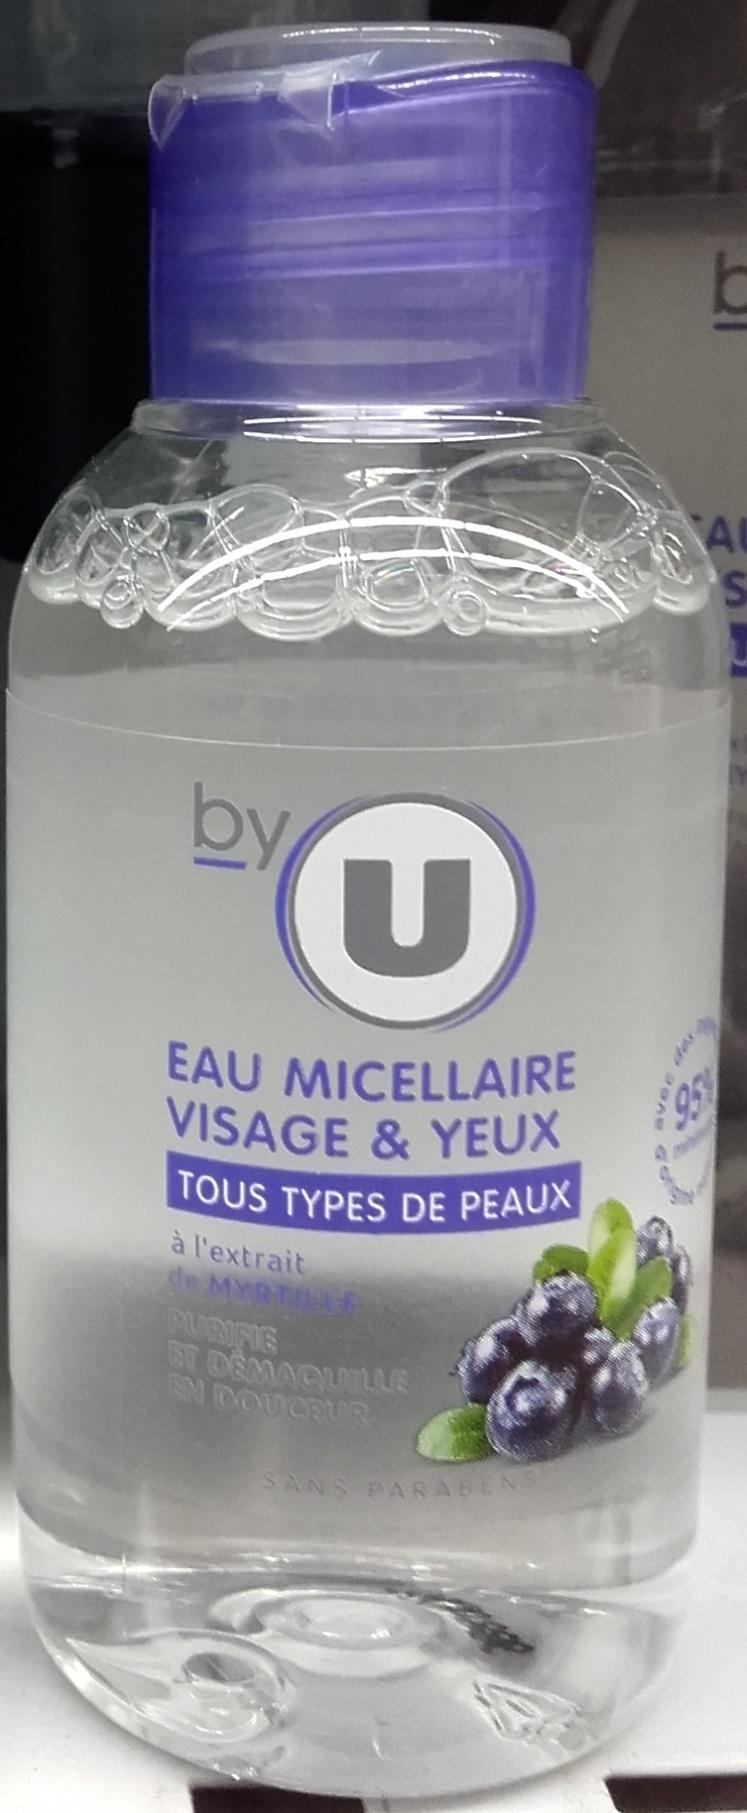 Eau micellaire visage & yeux à l'extrait de myrtille - Product - fr